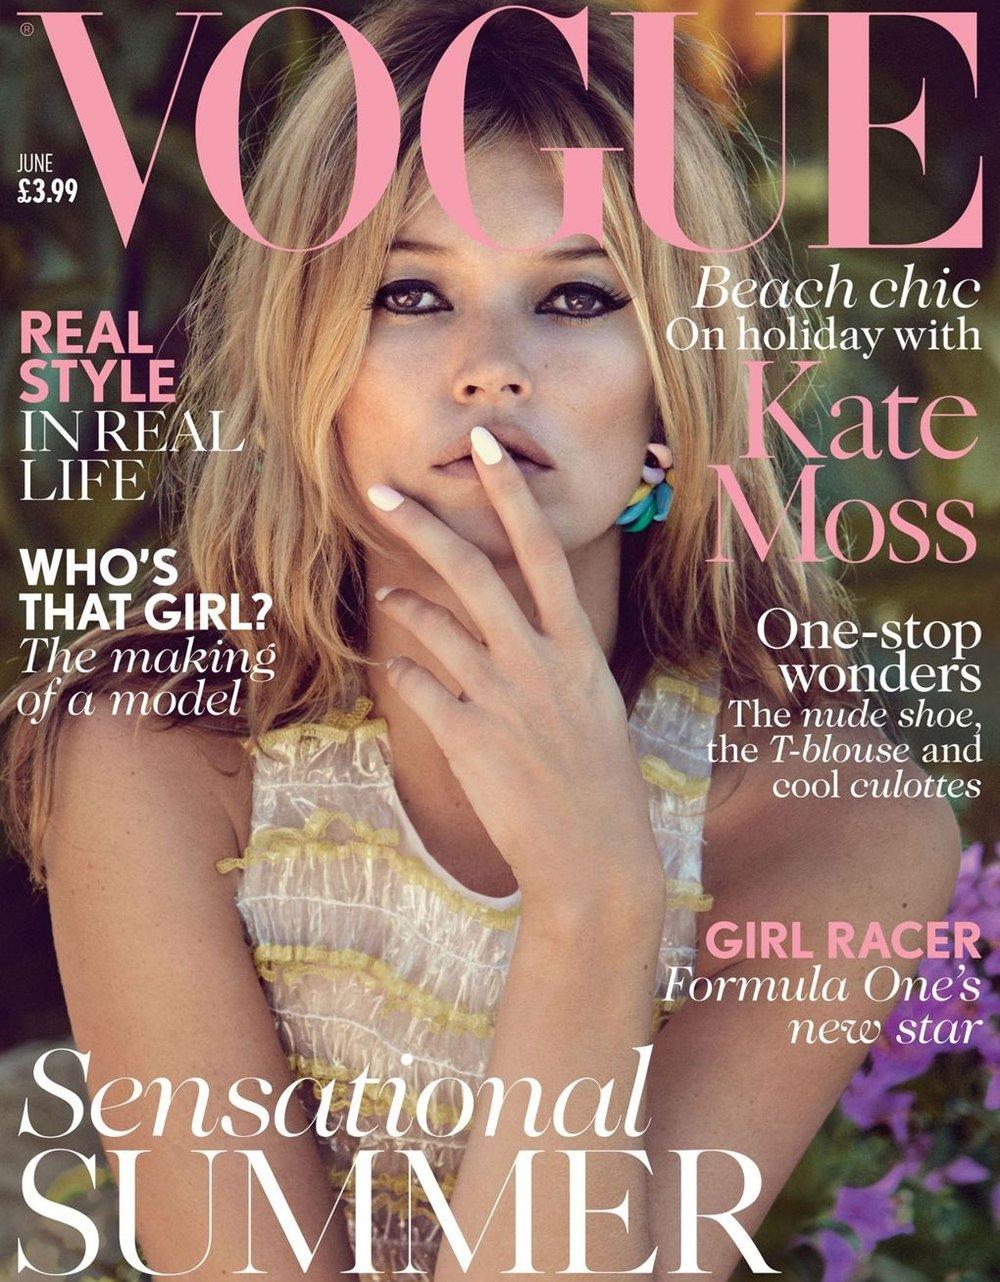 British Vogue June 2013